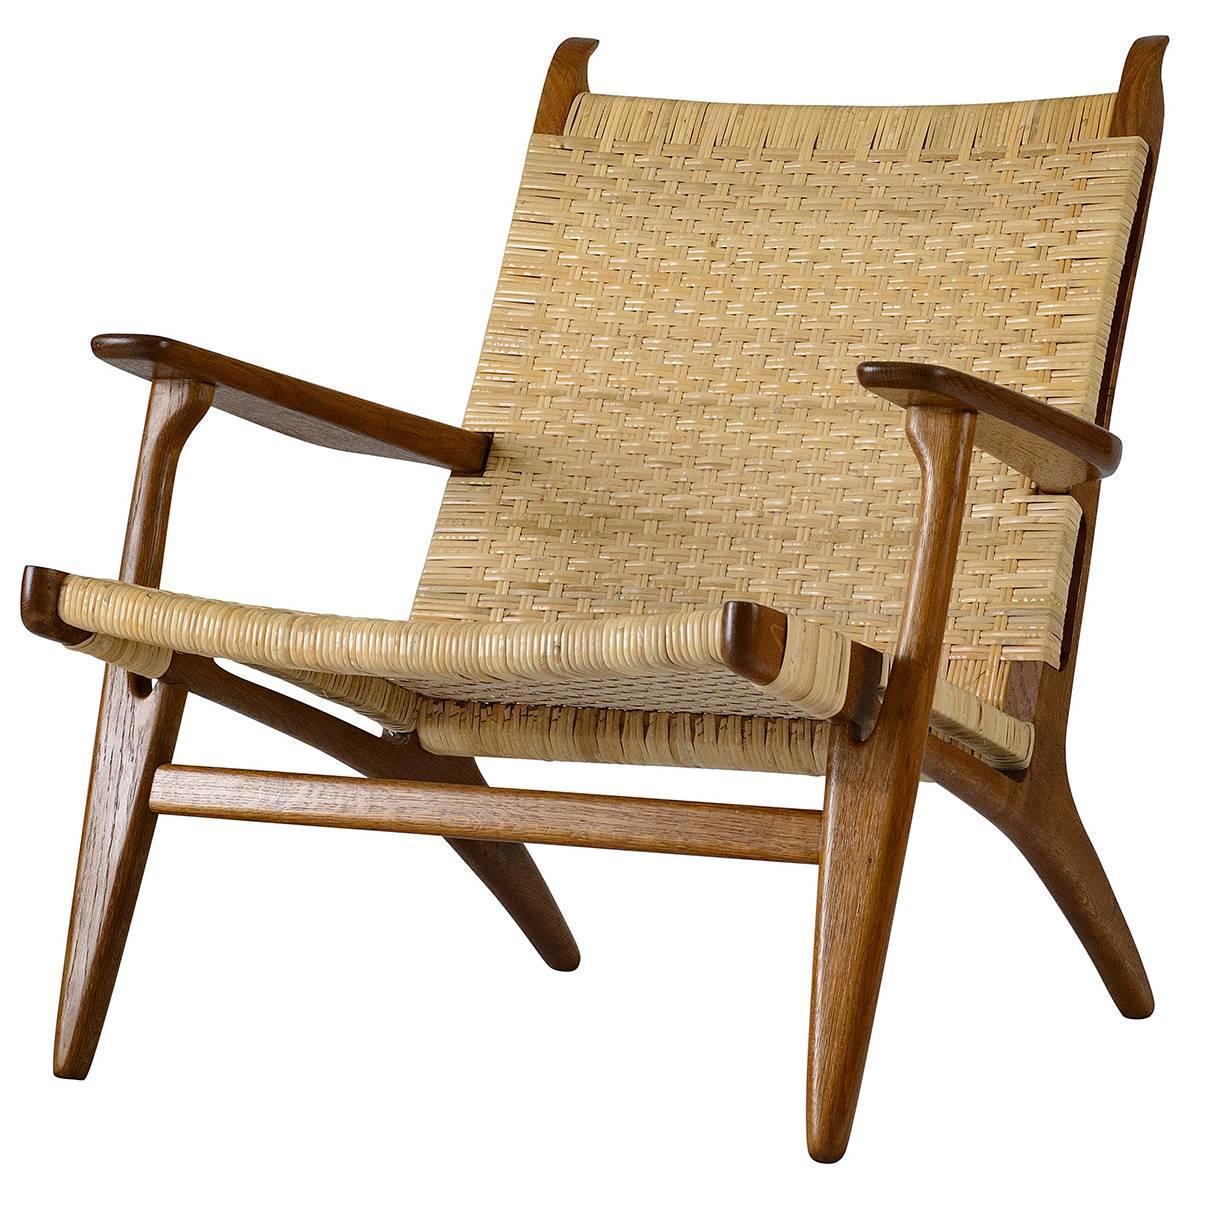 hans wegner ch 27 lounge chair for sale at 1stdibs. Black Bedroom Furniture Sets. Home Design Ideas